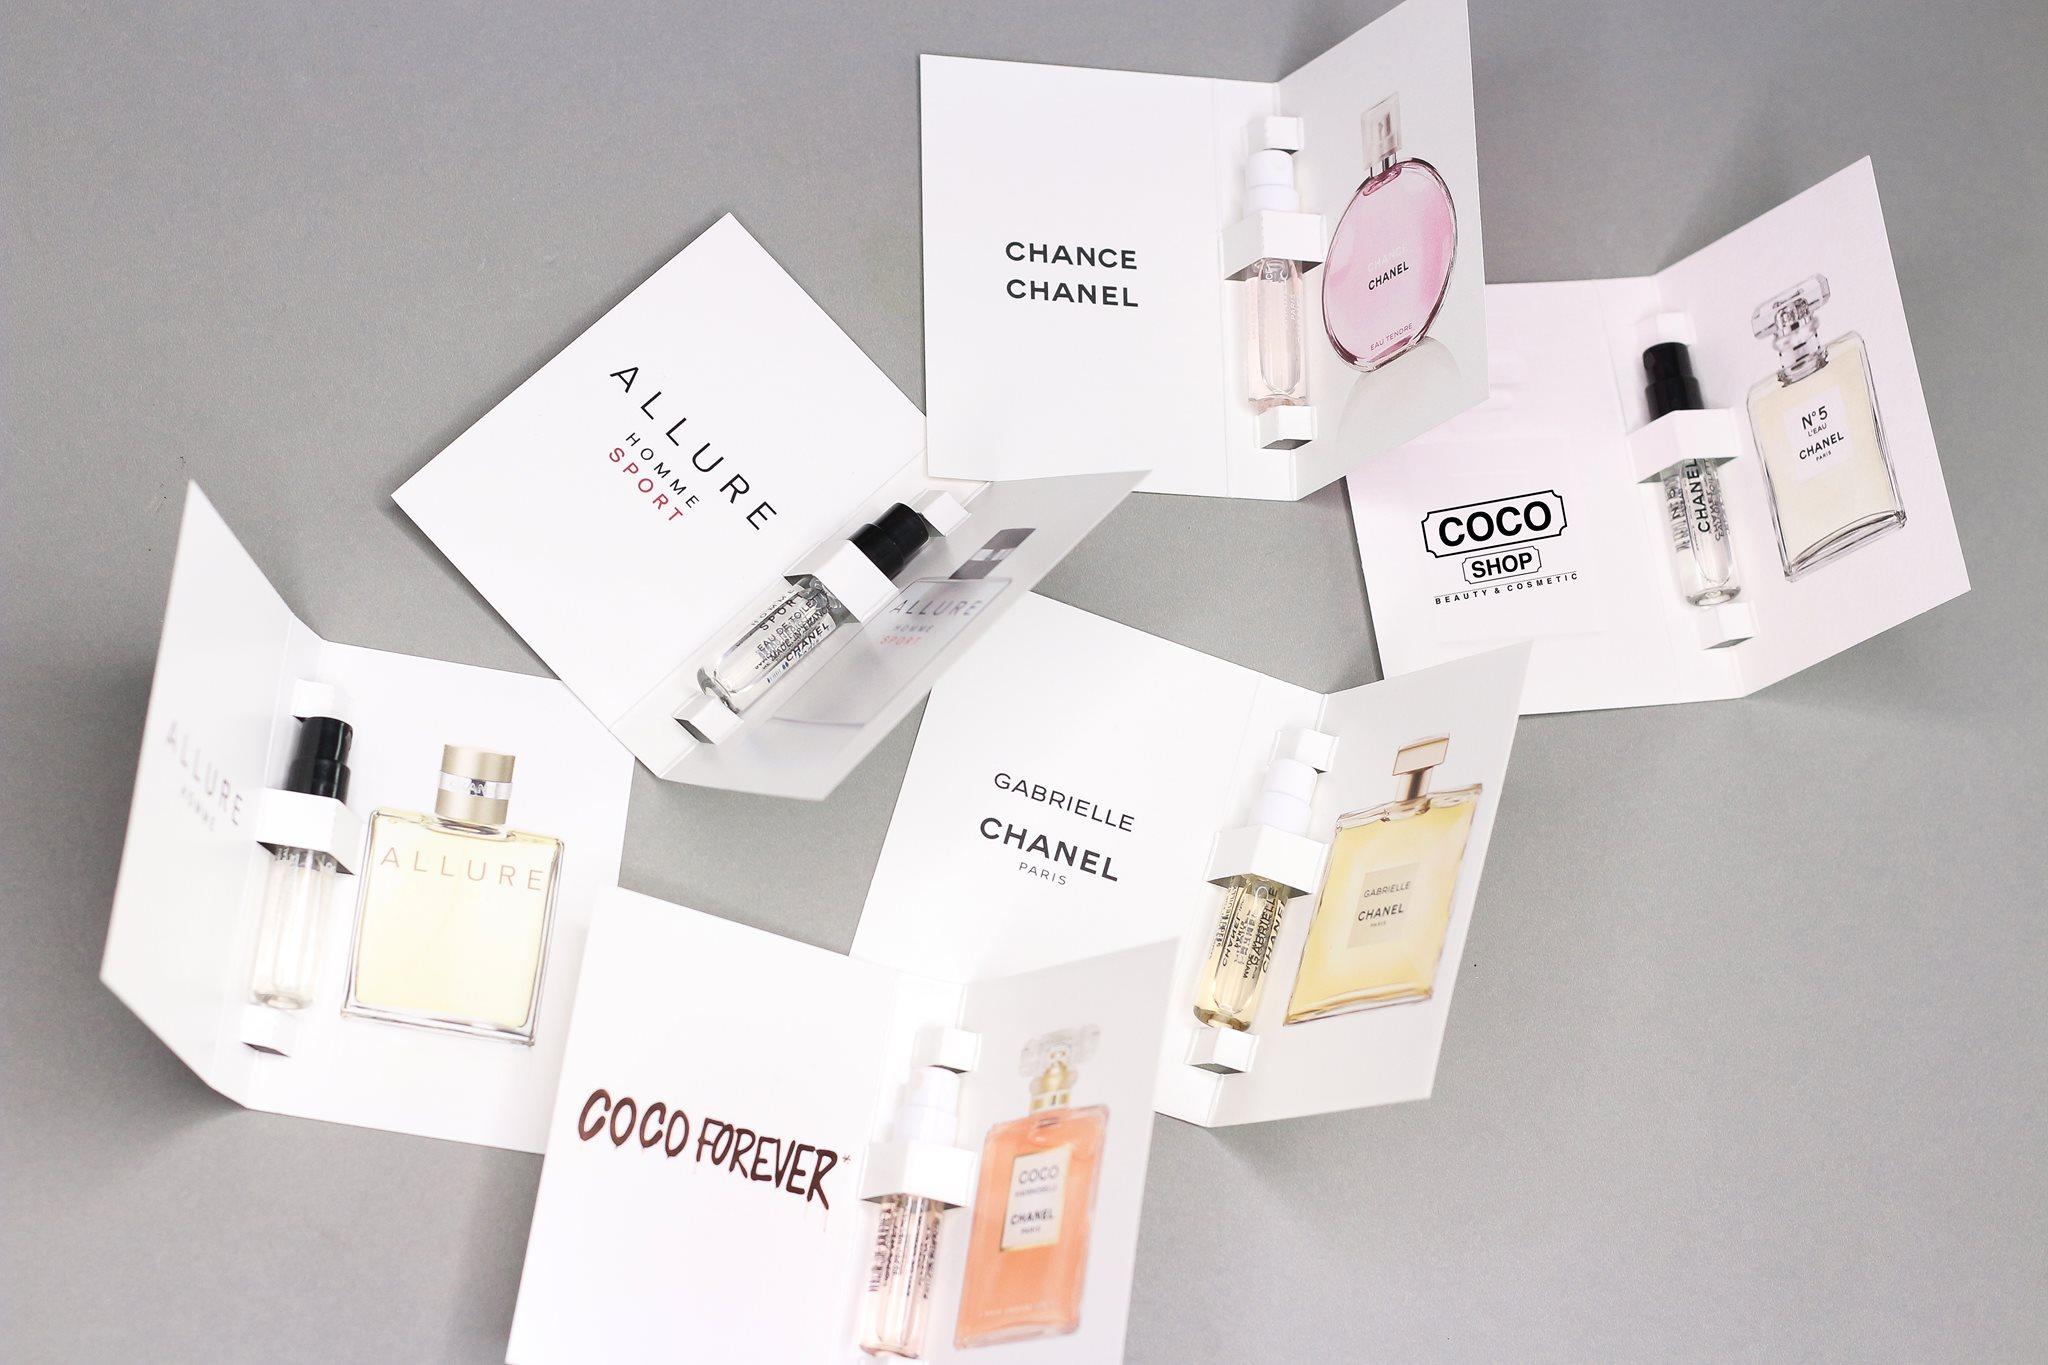 nước hoa Chanel Coco Shop